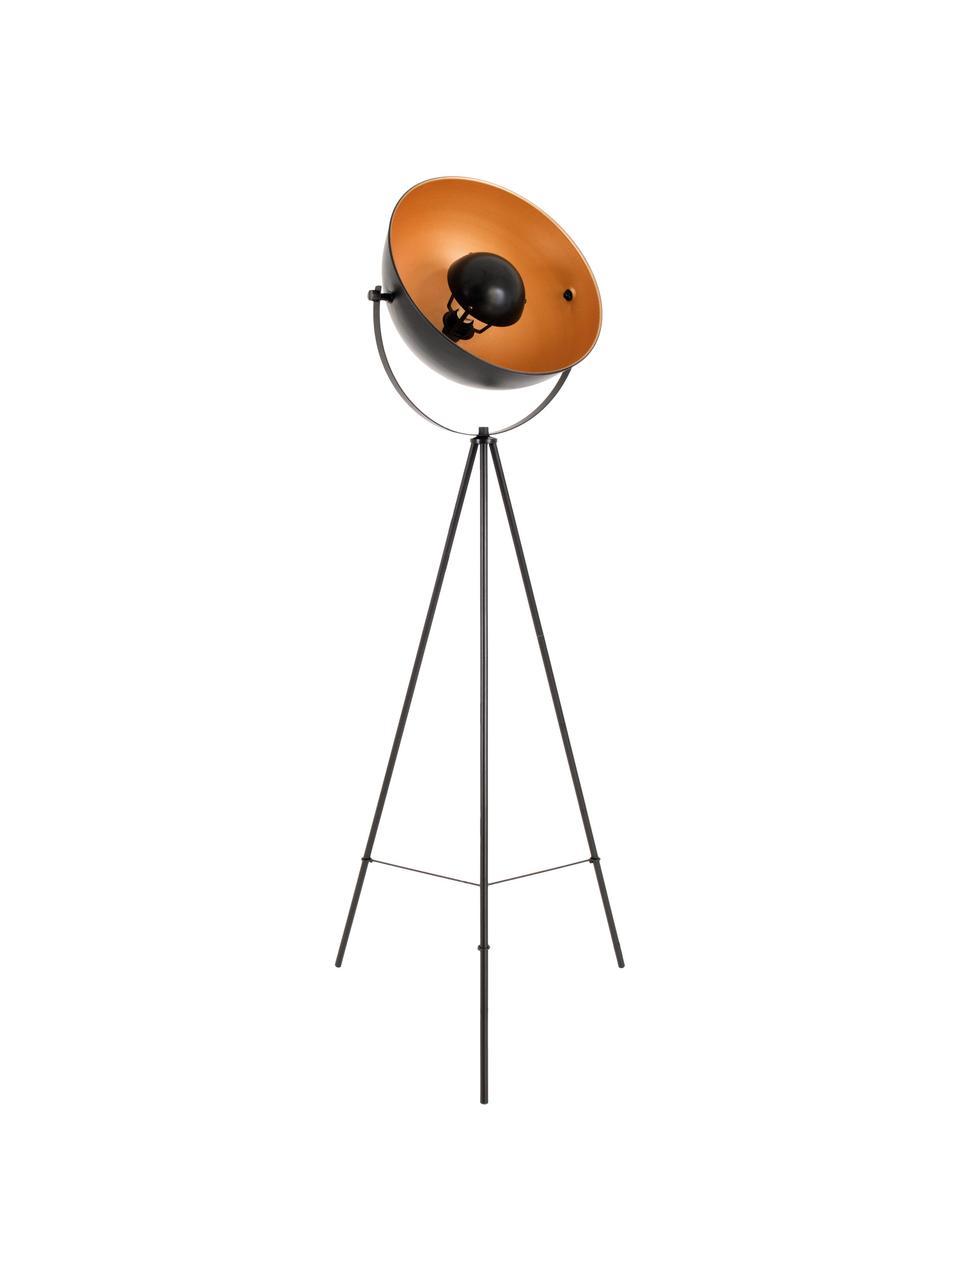 Lampada da terra treppiede Bernice, Paralume: metallo rivestito, Base della lampada: metallo rivestito, Nero, dorato, Larg. 40 x Alt. 150 cm